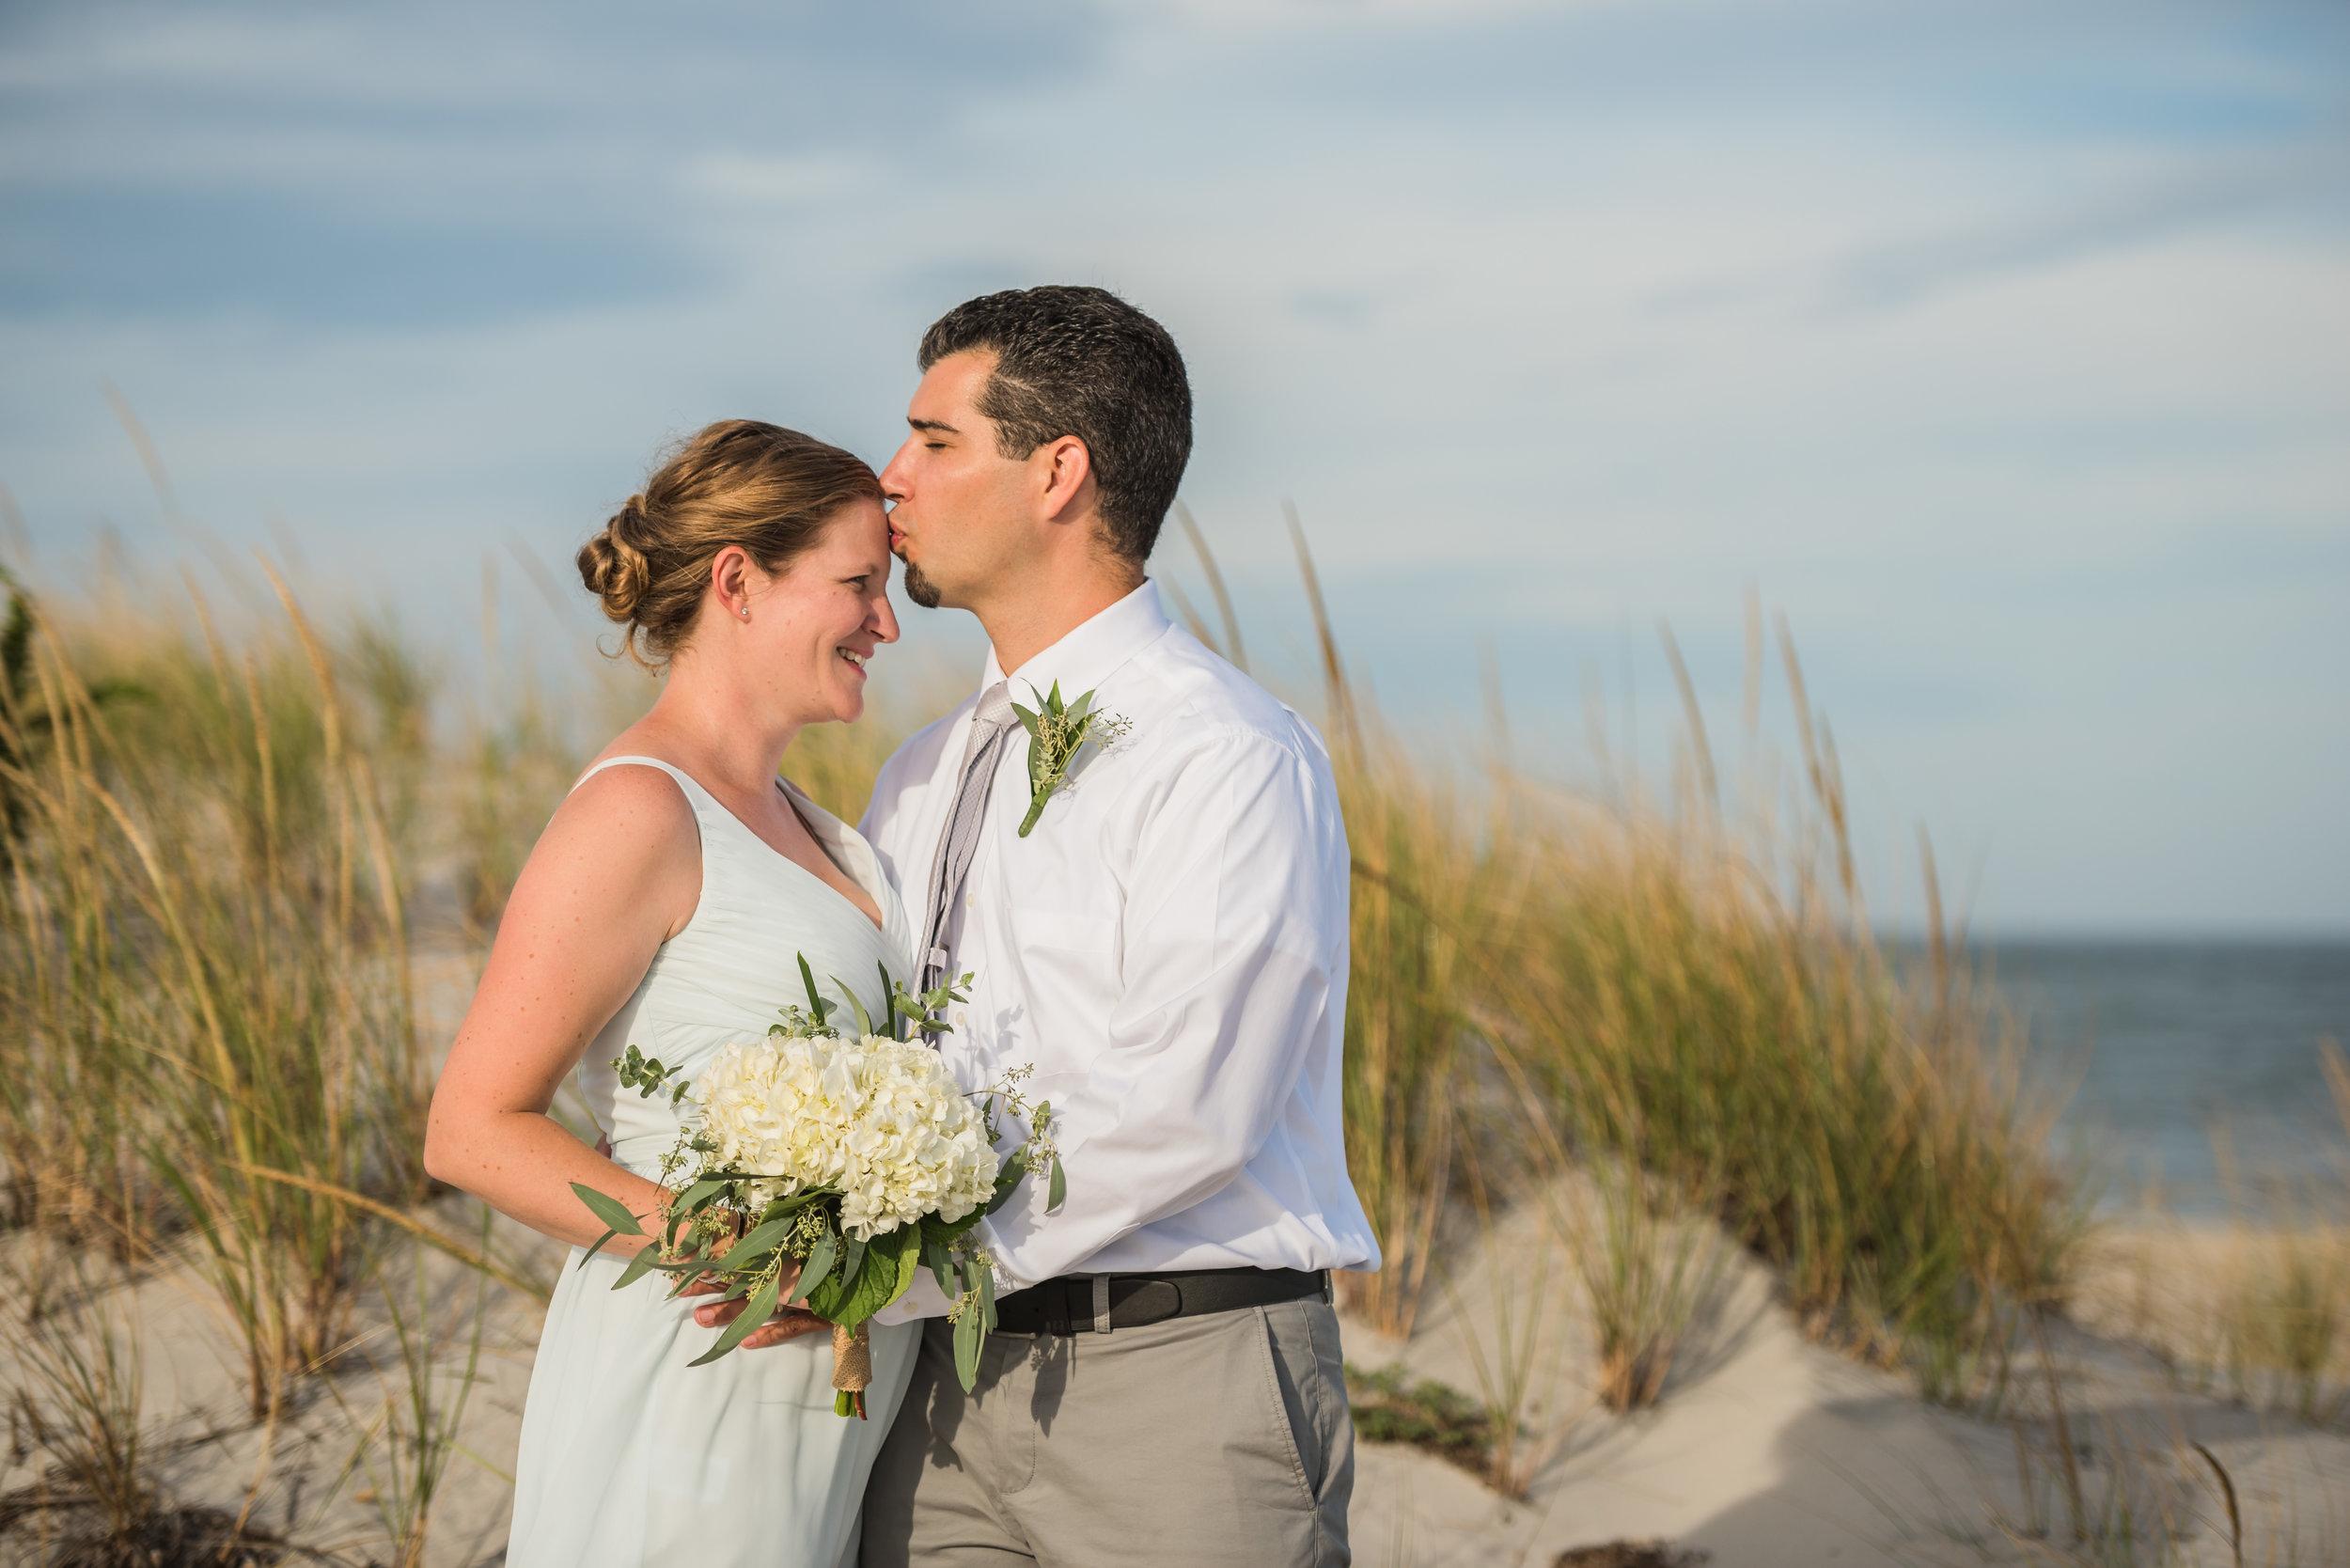 Long Beach Island Wedding Vow Photos Greg & Meagan 12